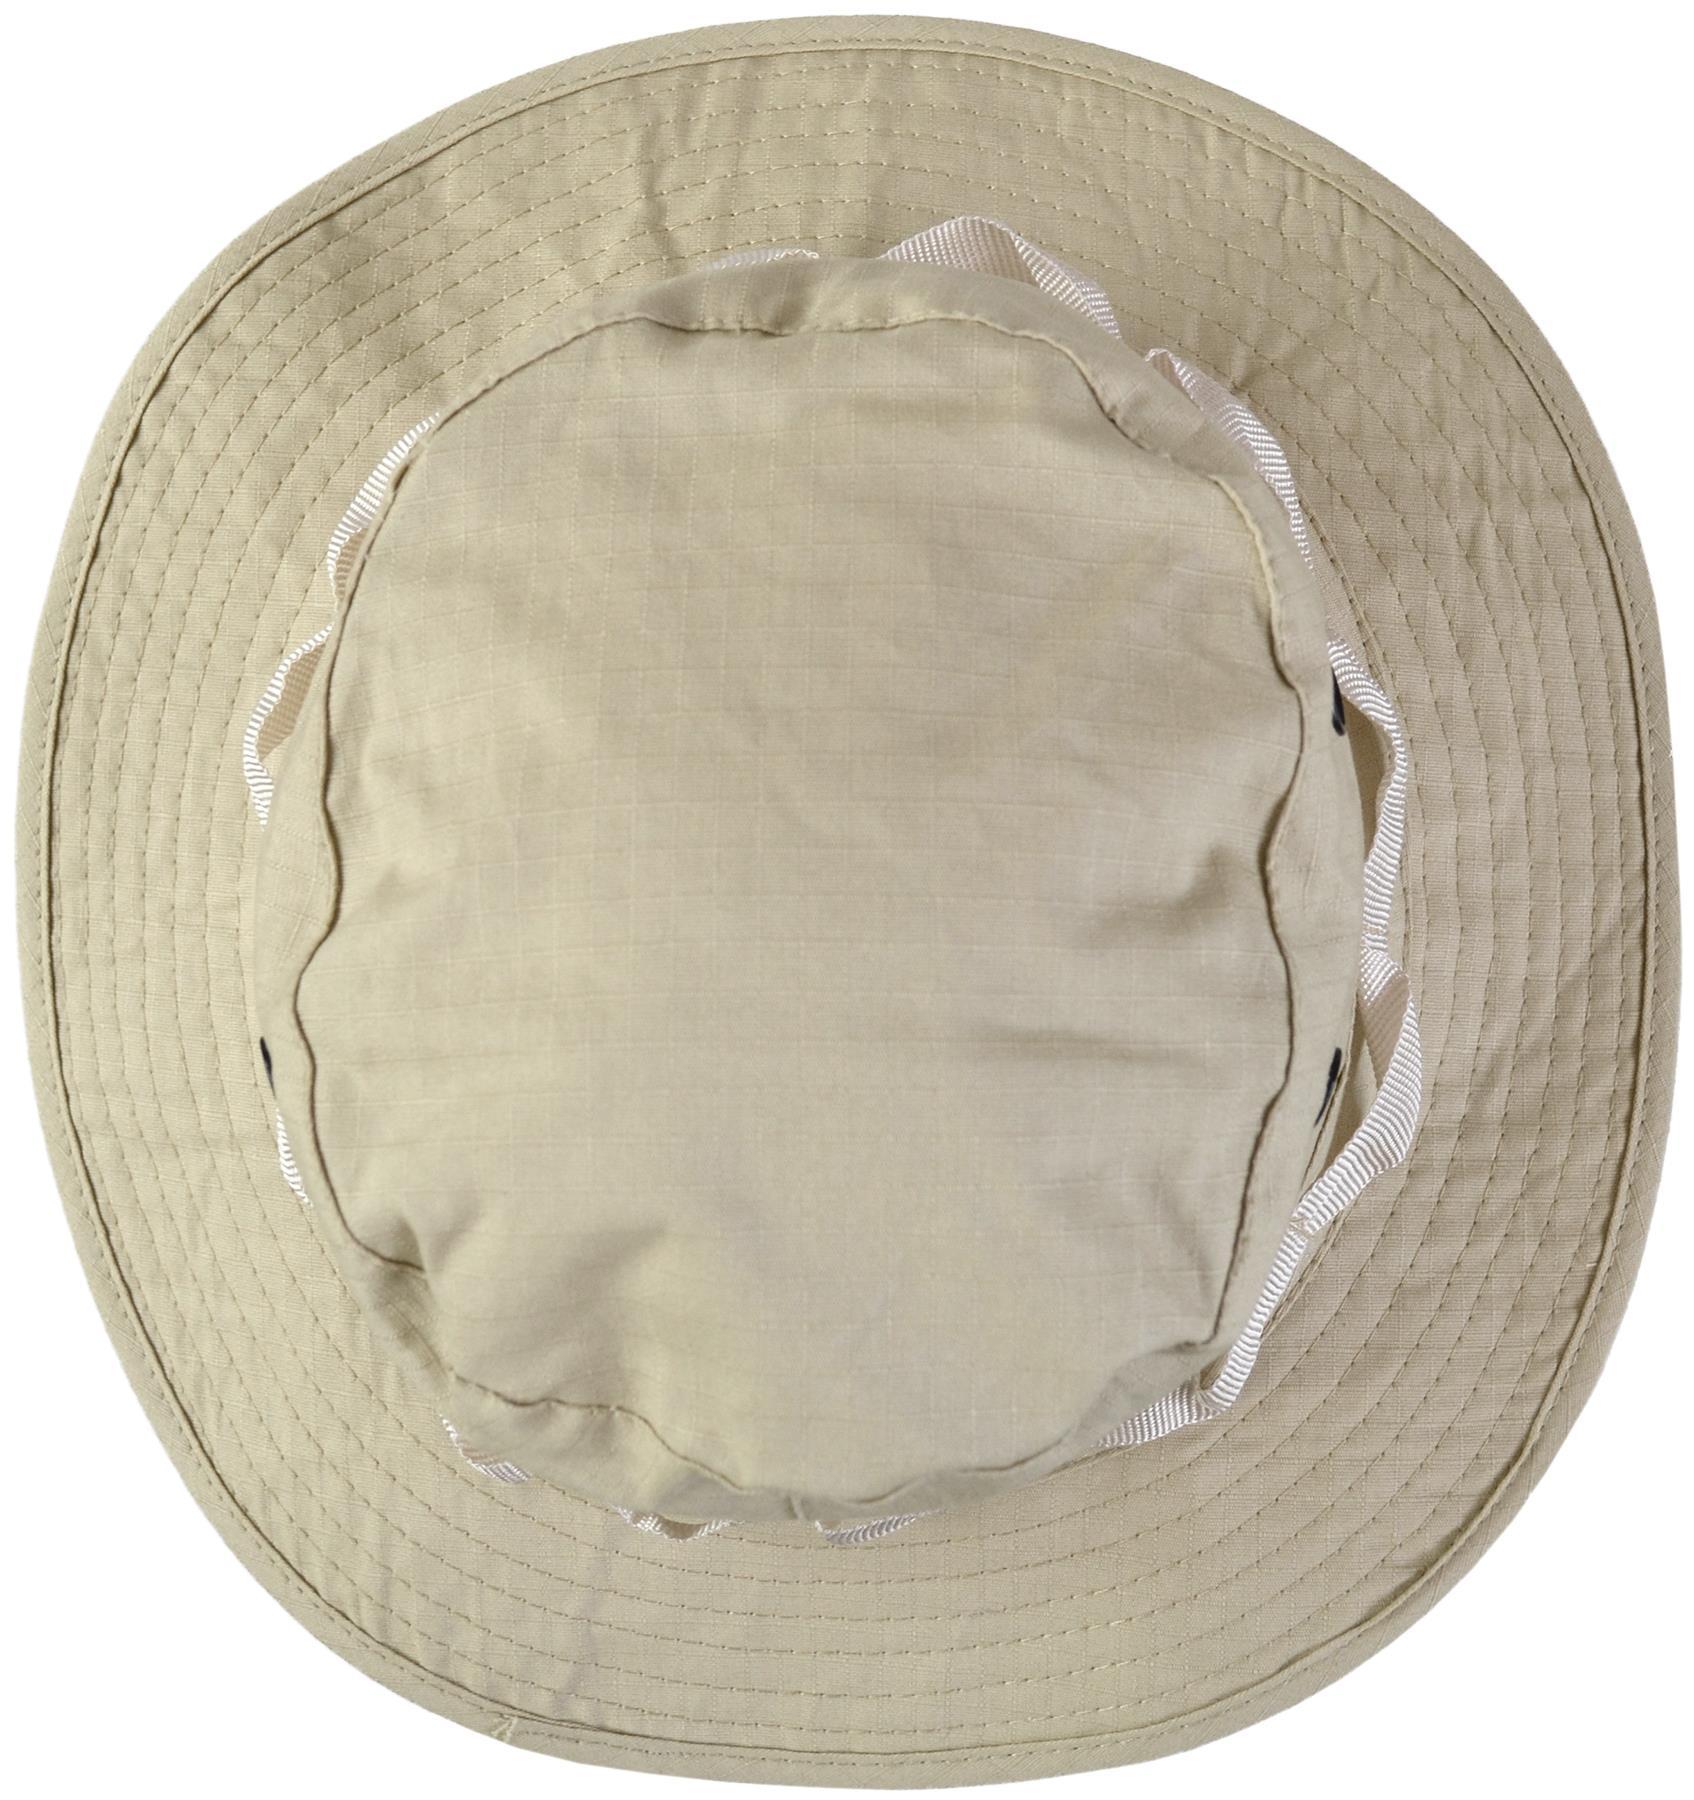 Us GI safari a chapeau chapeau mou Camouflag Chapeau Casquette jungle safari